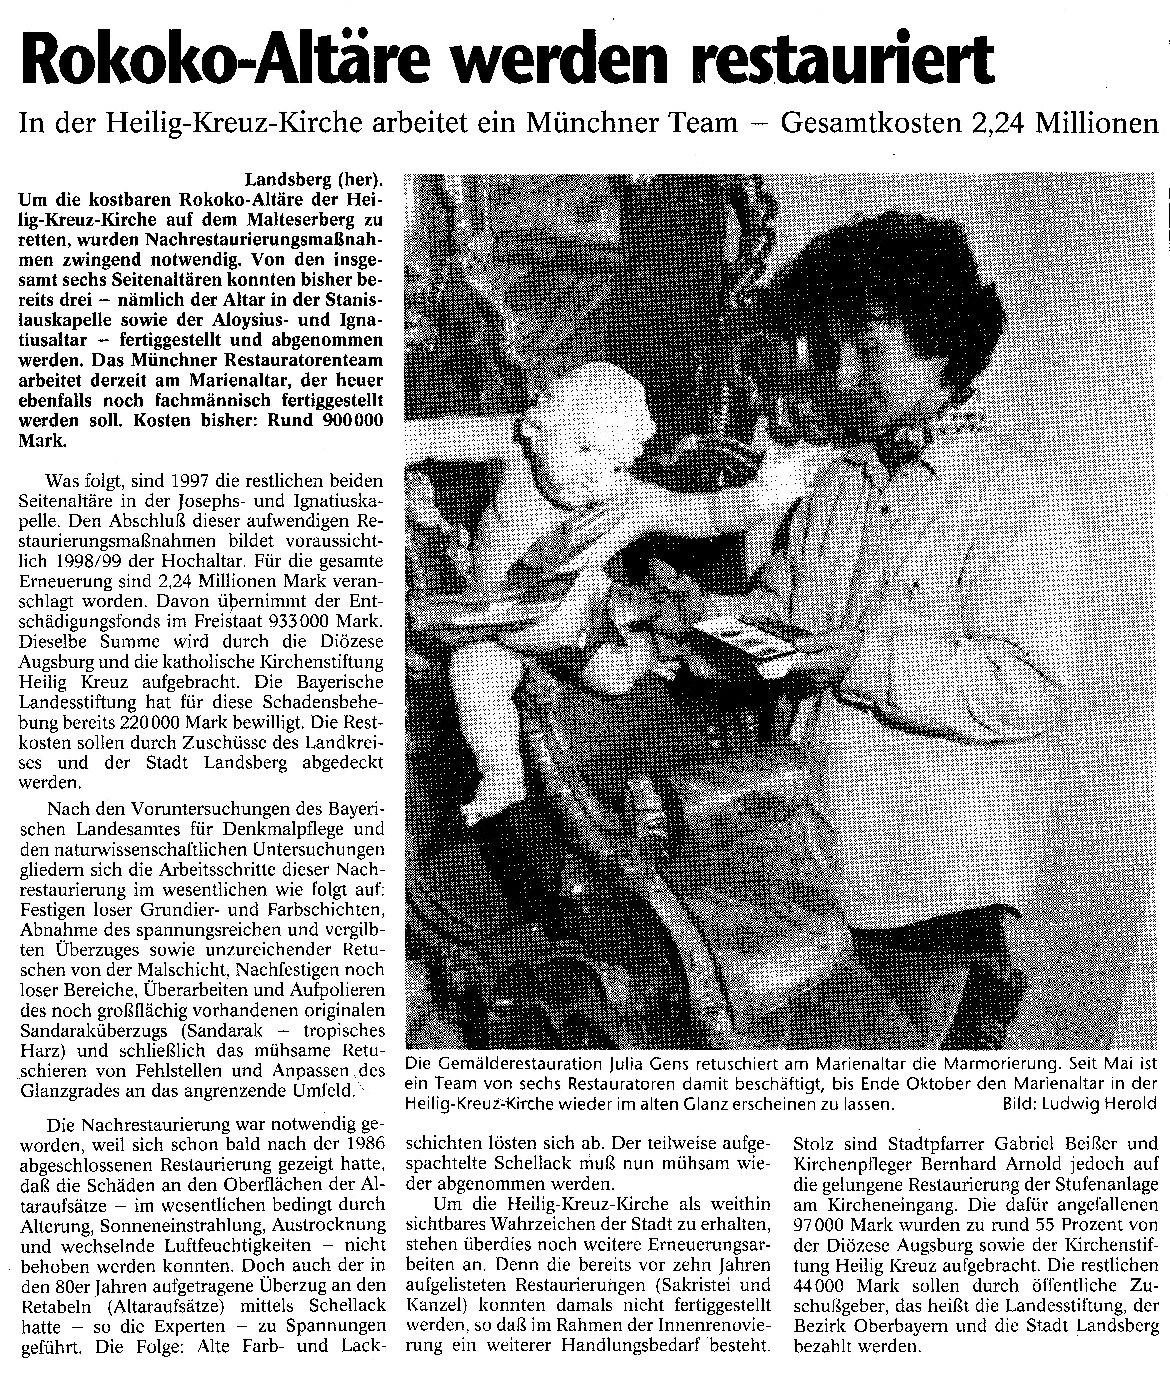 Artickel über Restaurierung von Rokoko-Altären